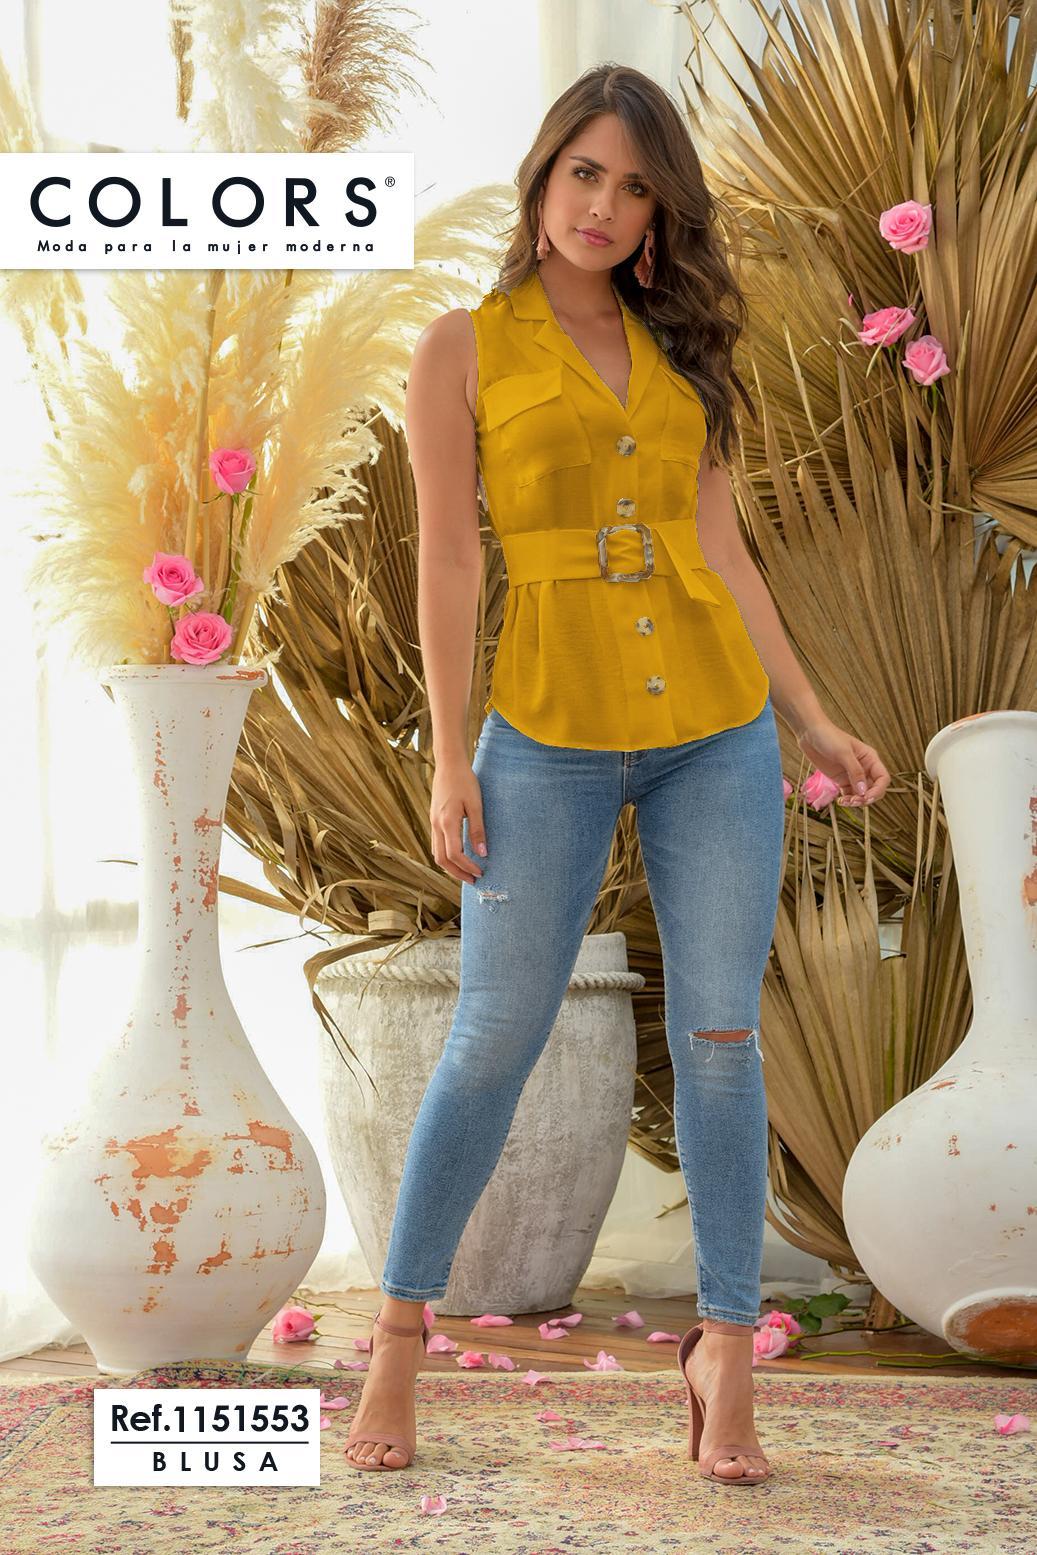 Blusa Colombiana de Moda con Botones en frente y Decorado de cinturon